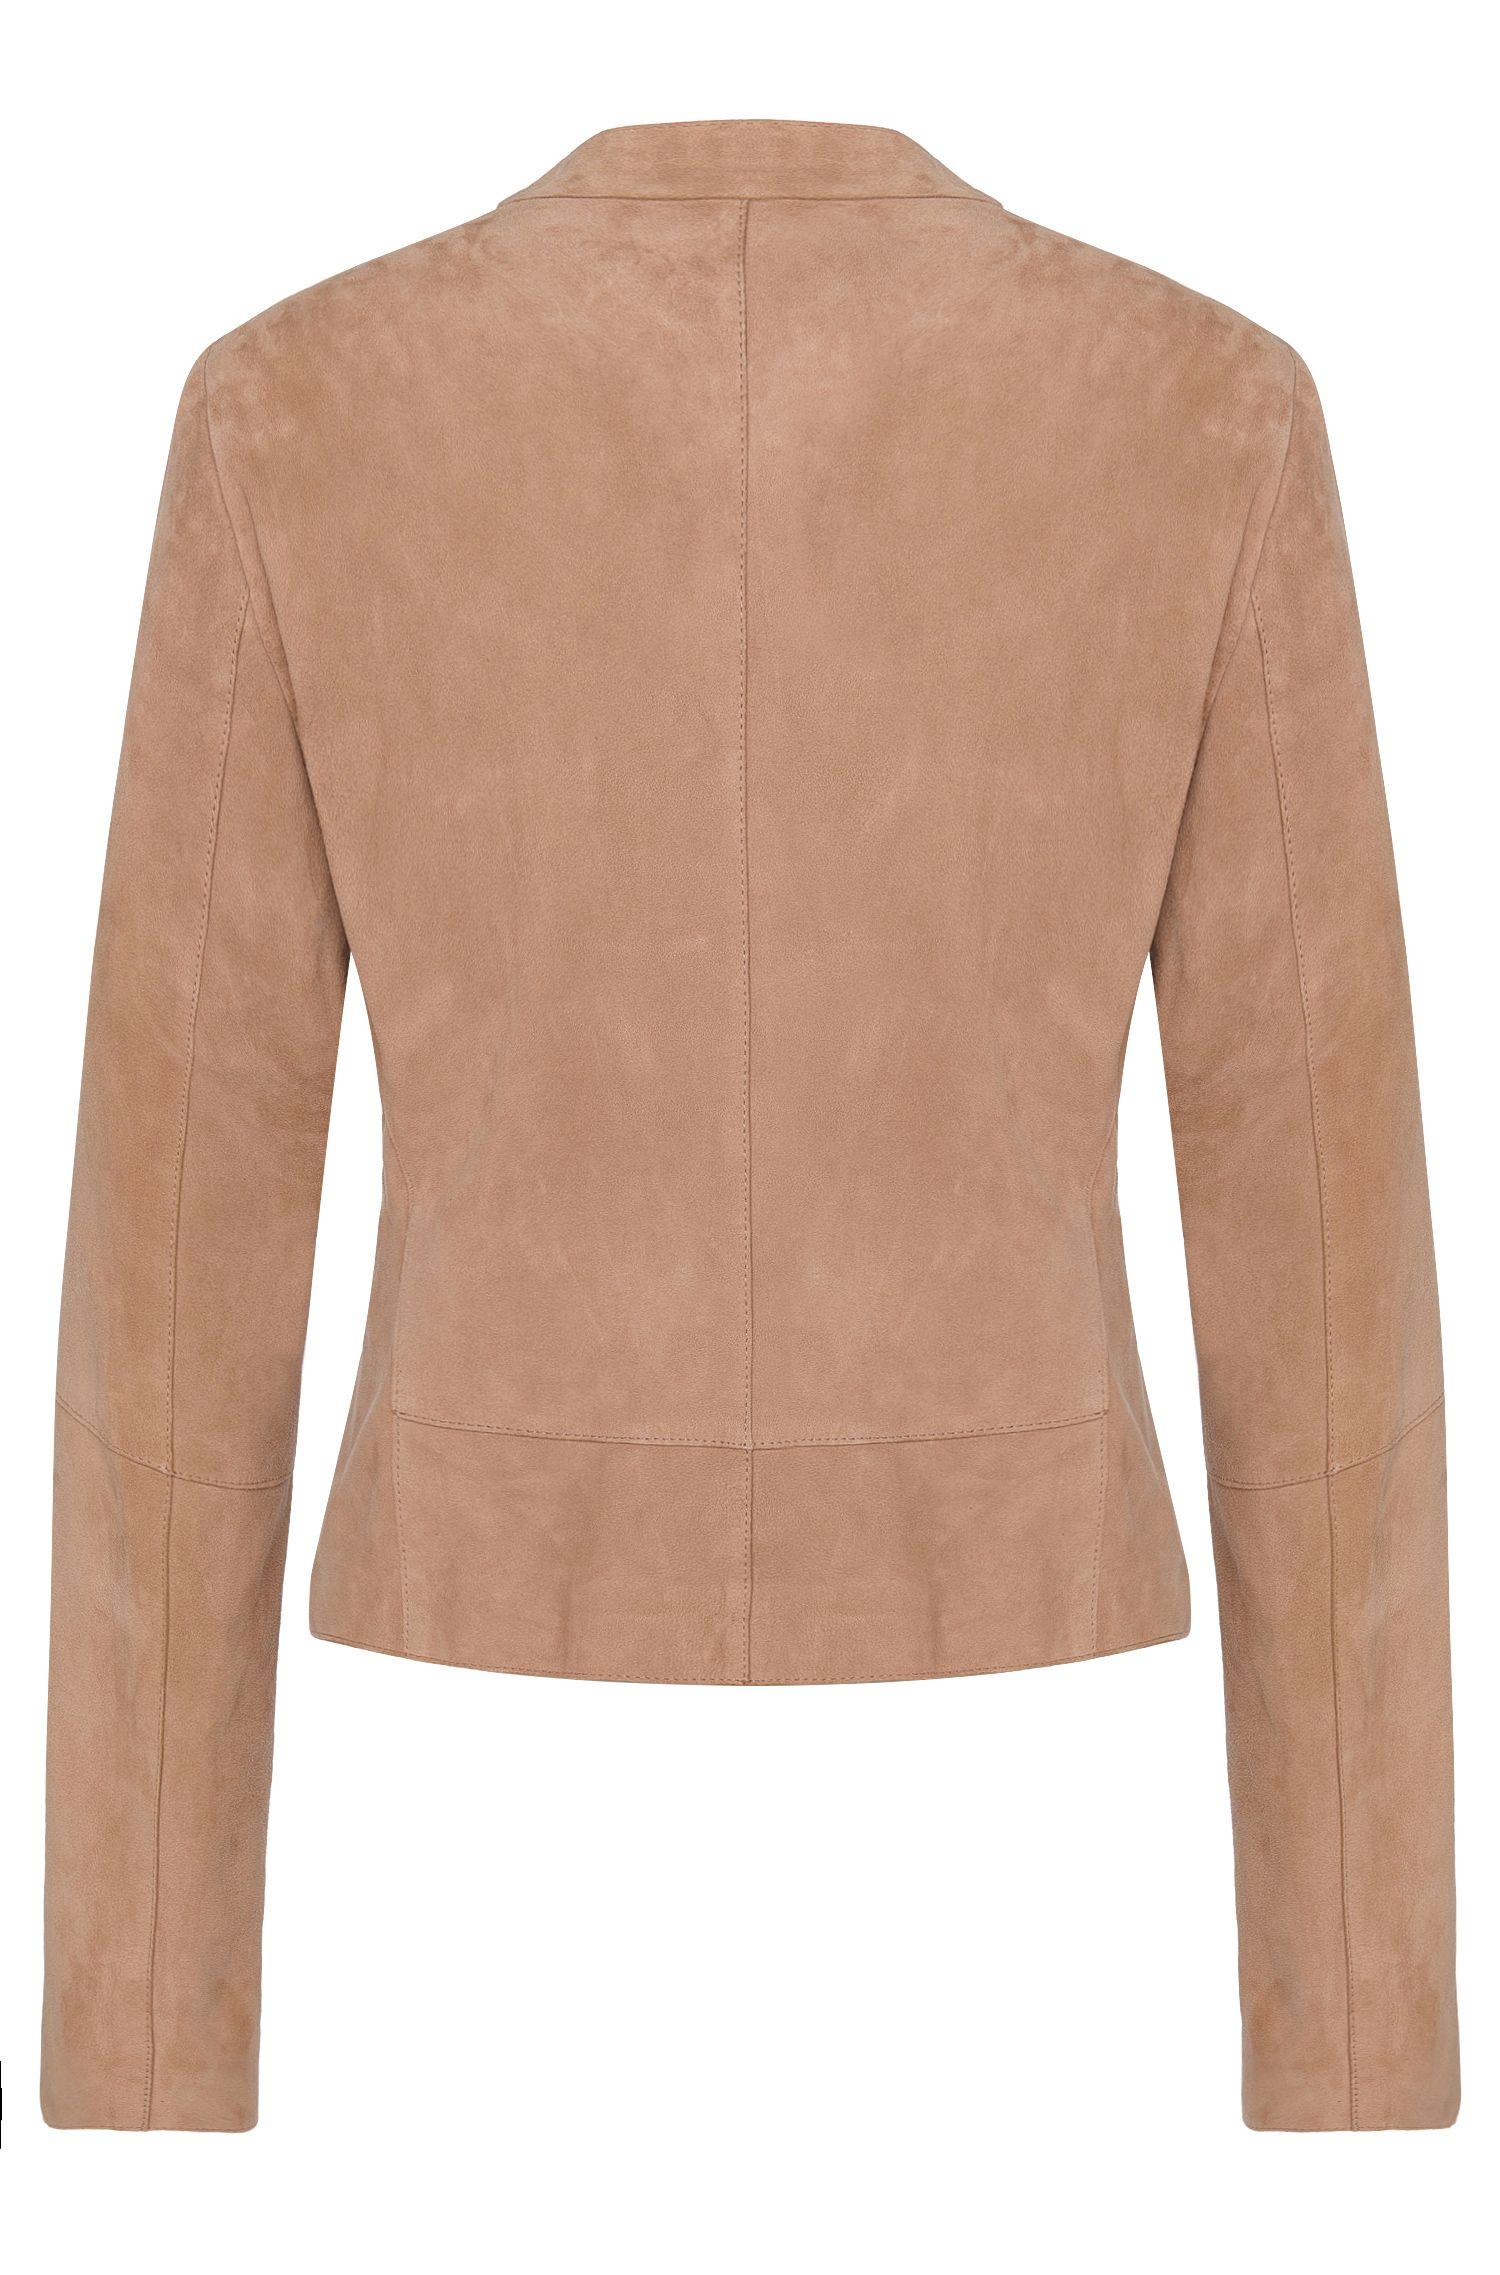 Getailleerde leren jas met open voorkant: 'Lariani'